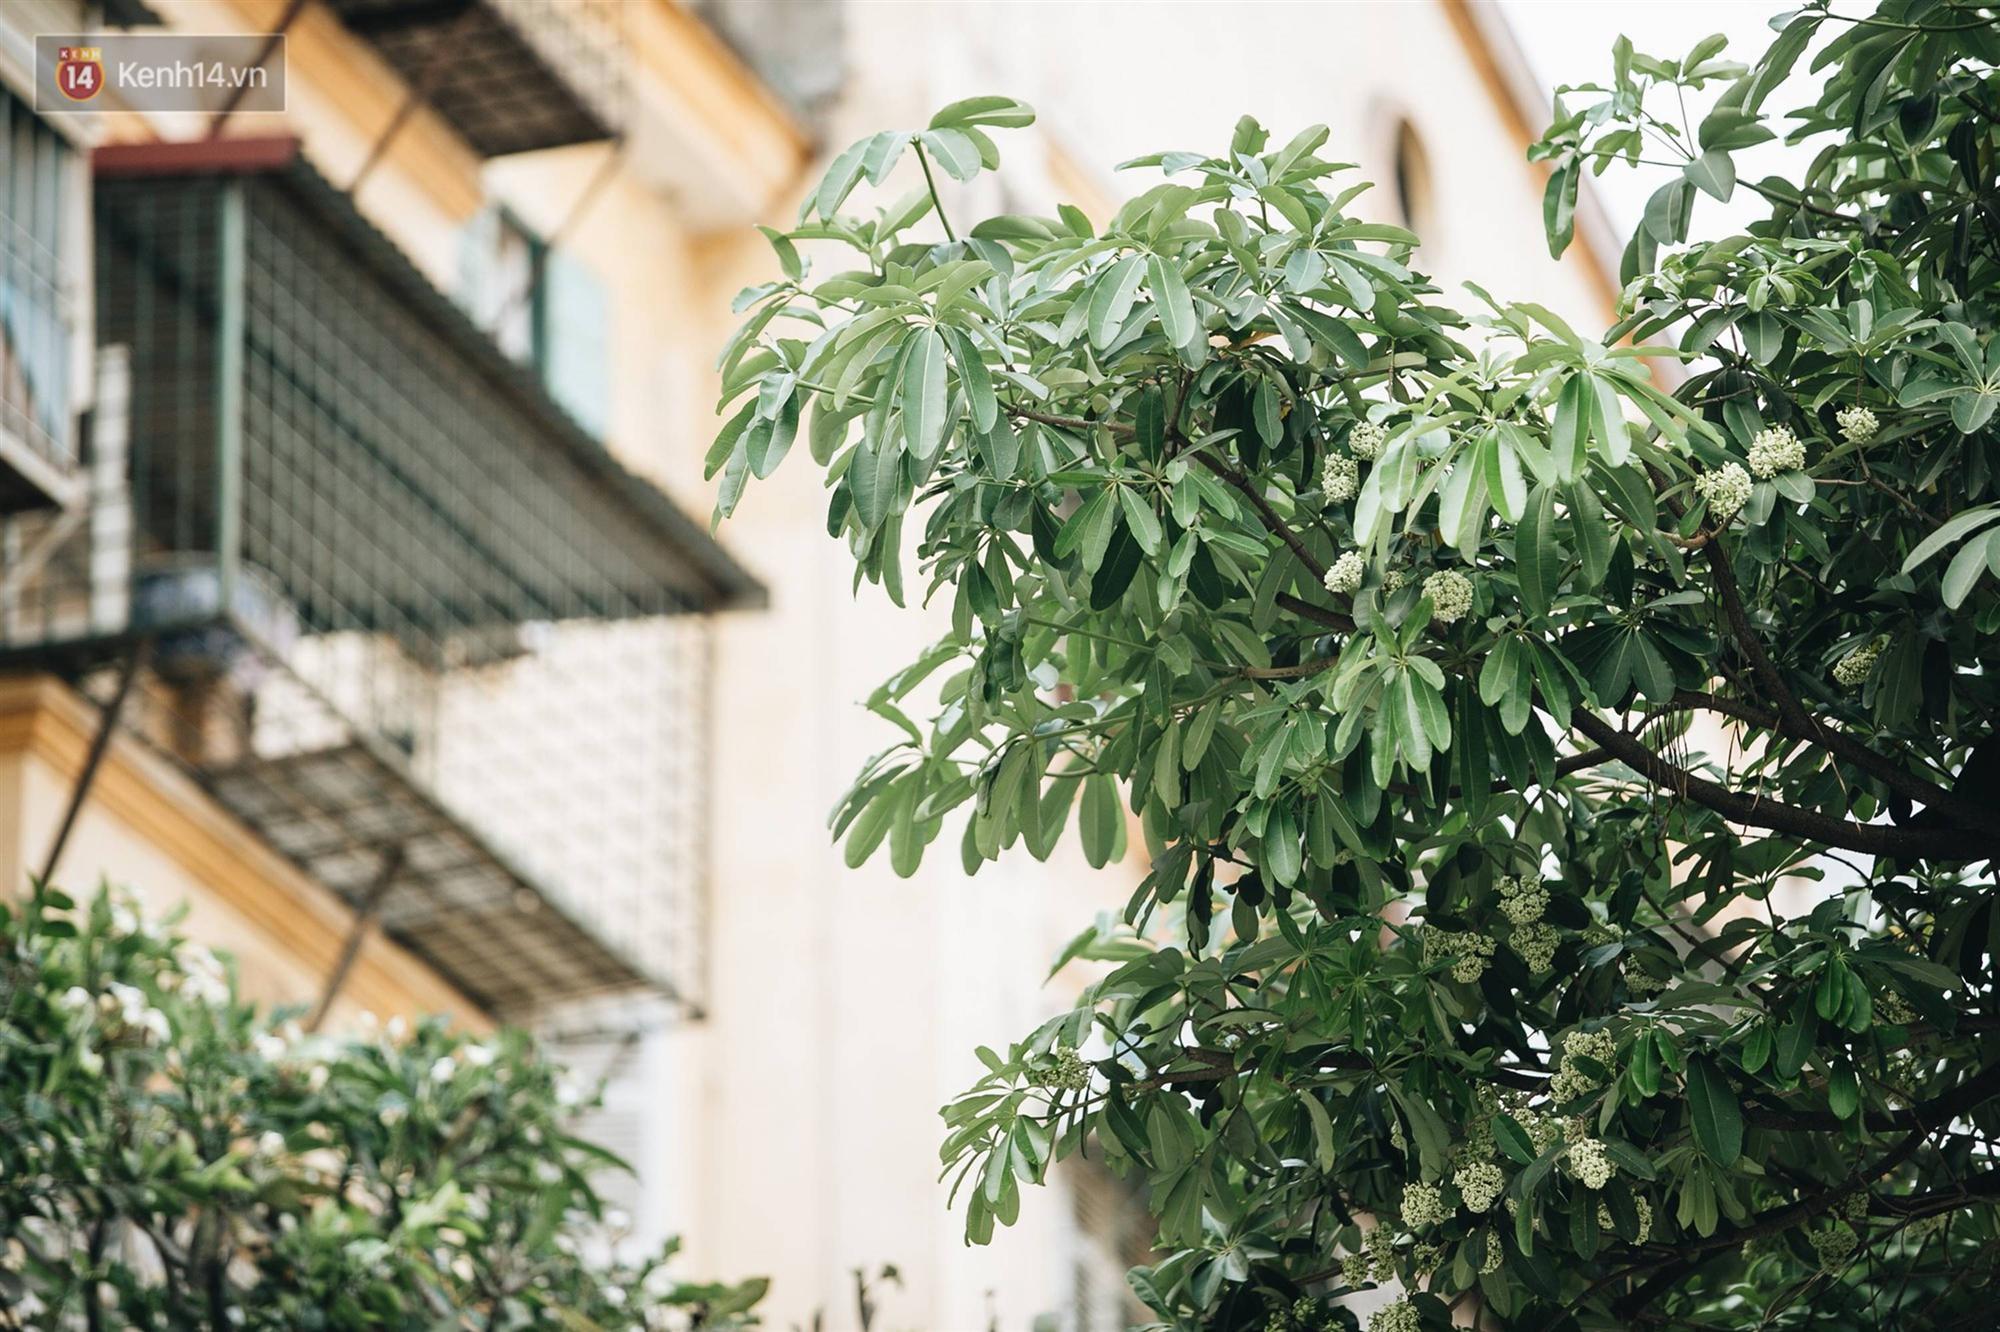 Không chỉ biến hạ thành đông, Hà Nội còn gọi cả hàng cây hoa sữa bung nở khắp phố dù trái mùa-11